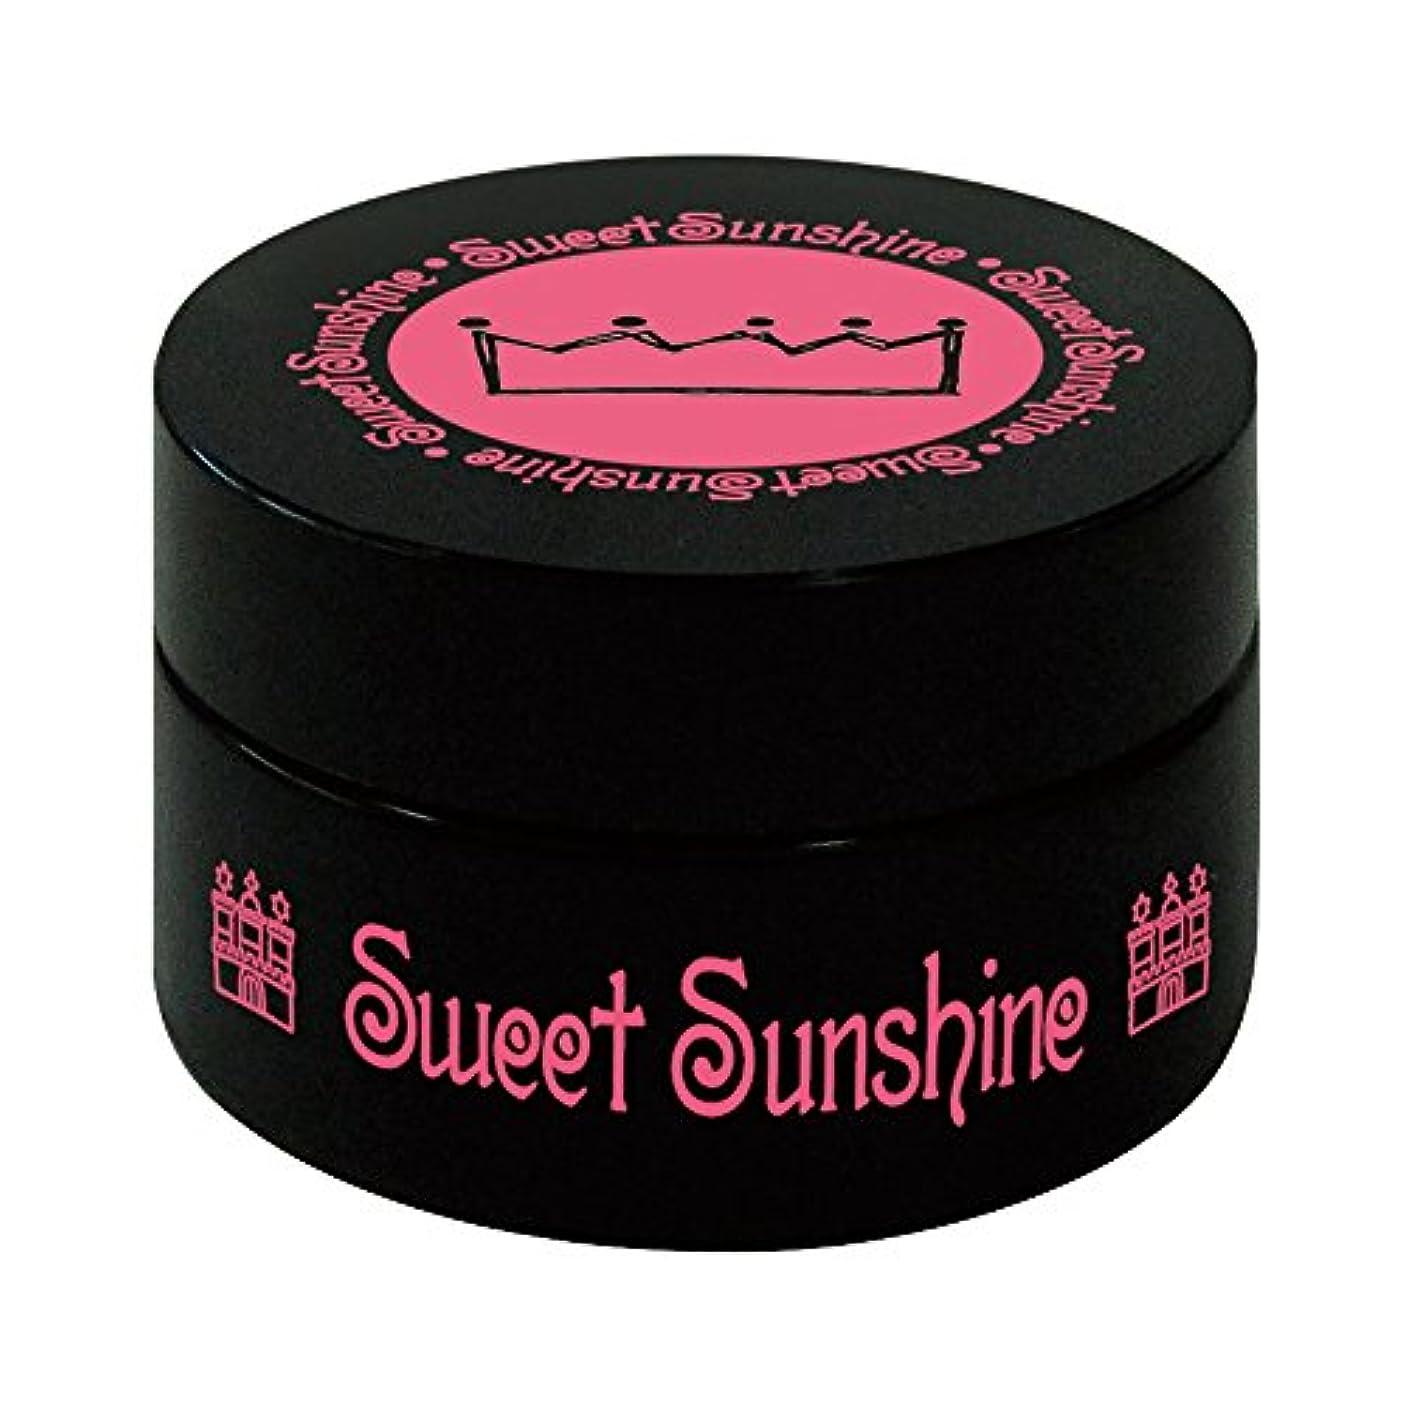 権限展示会器官最速硬化LED対応 Sweet Sunshine スィート サンシャイン カラージェル SC-79 4g パールベビーピンク